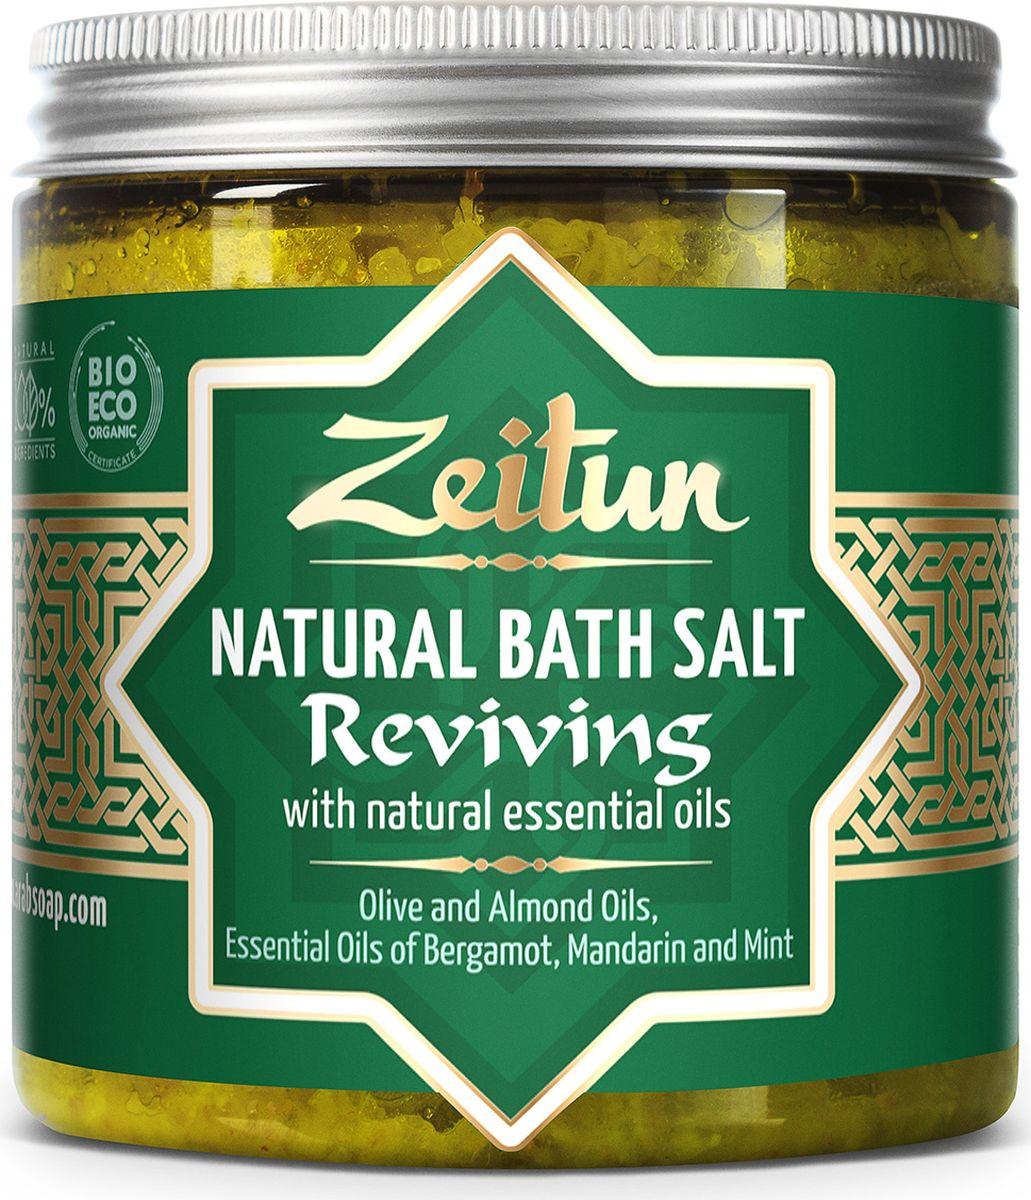 Зейтун Аромасоль для ванны тонизирующая, 200 млZ2101Гидрофильное масло растворяется в воде и после процедуры кожа надолго остается увлажненной. Не оставляет масляных следов на ванне.